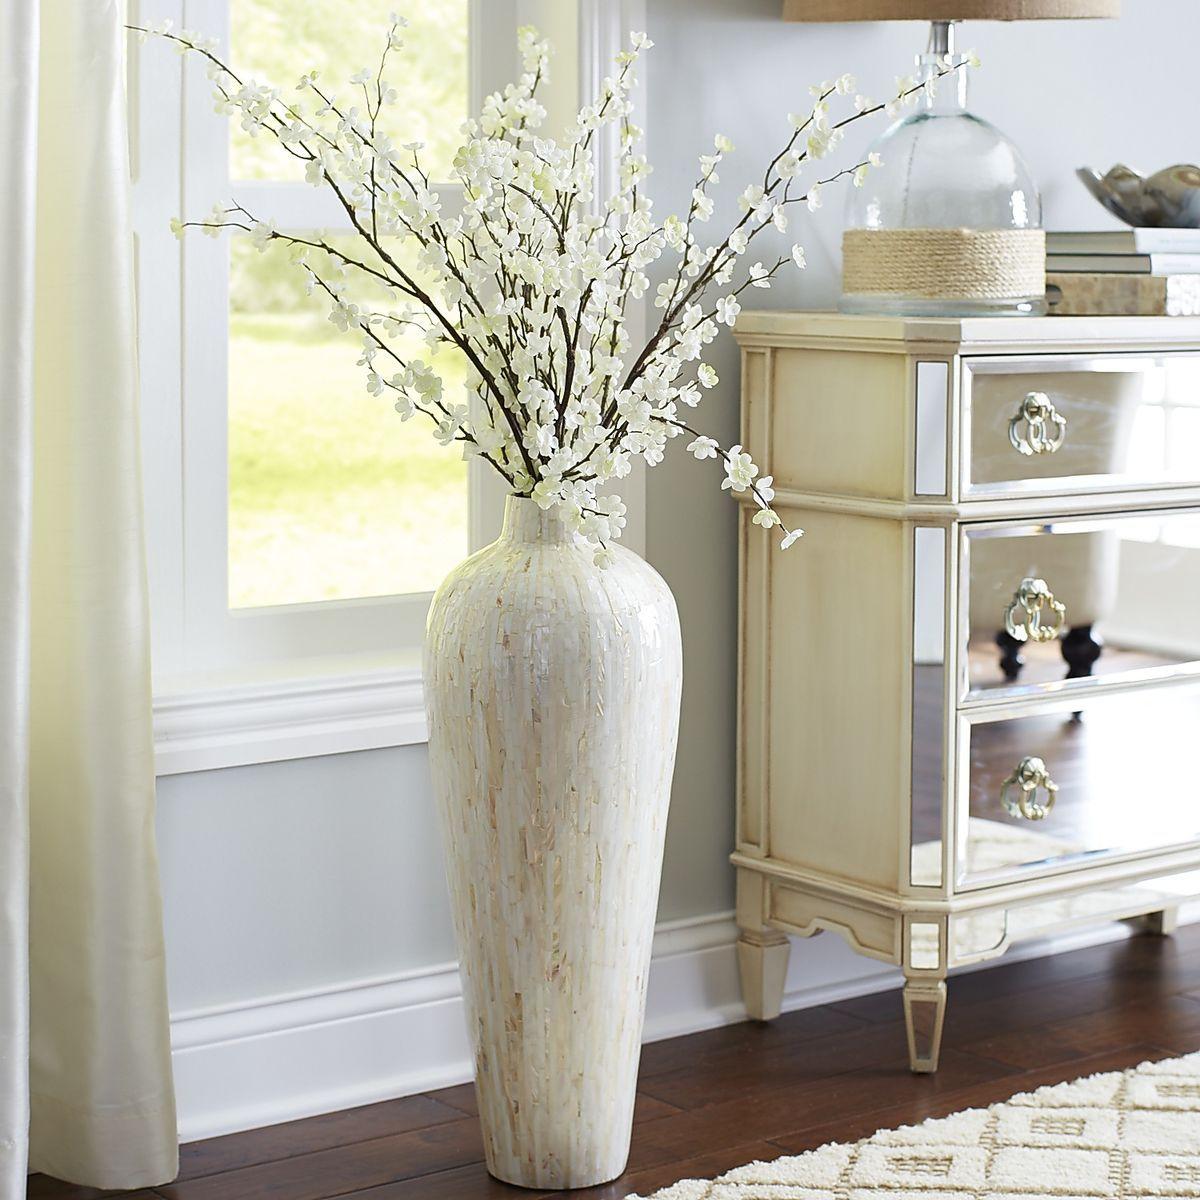 Null Floor Vase Decor Home Decor Vases Large Vases Decor